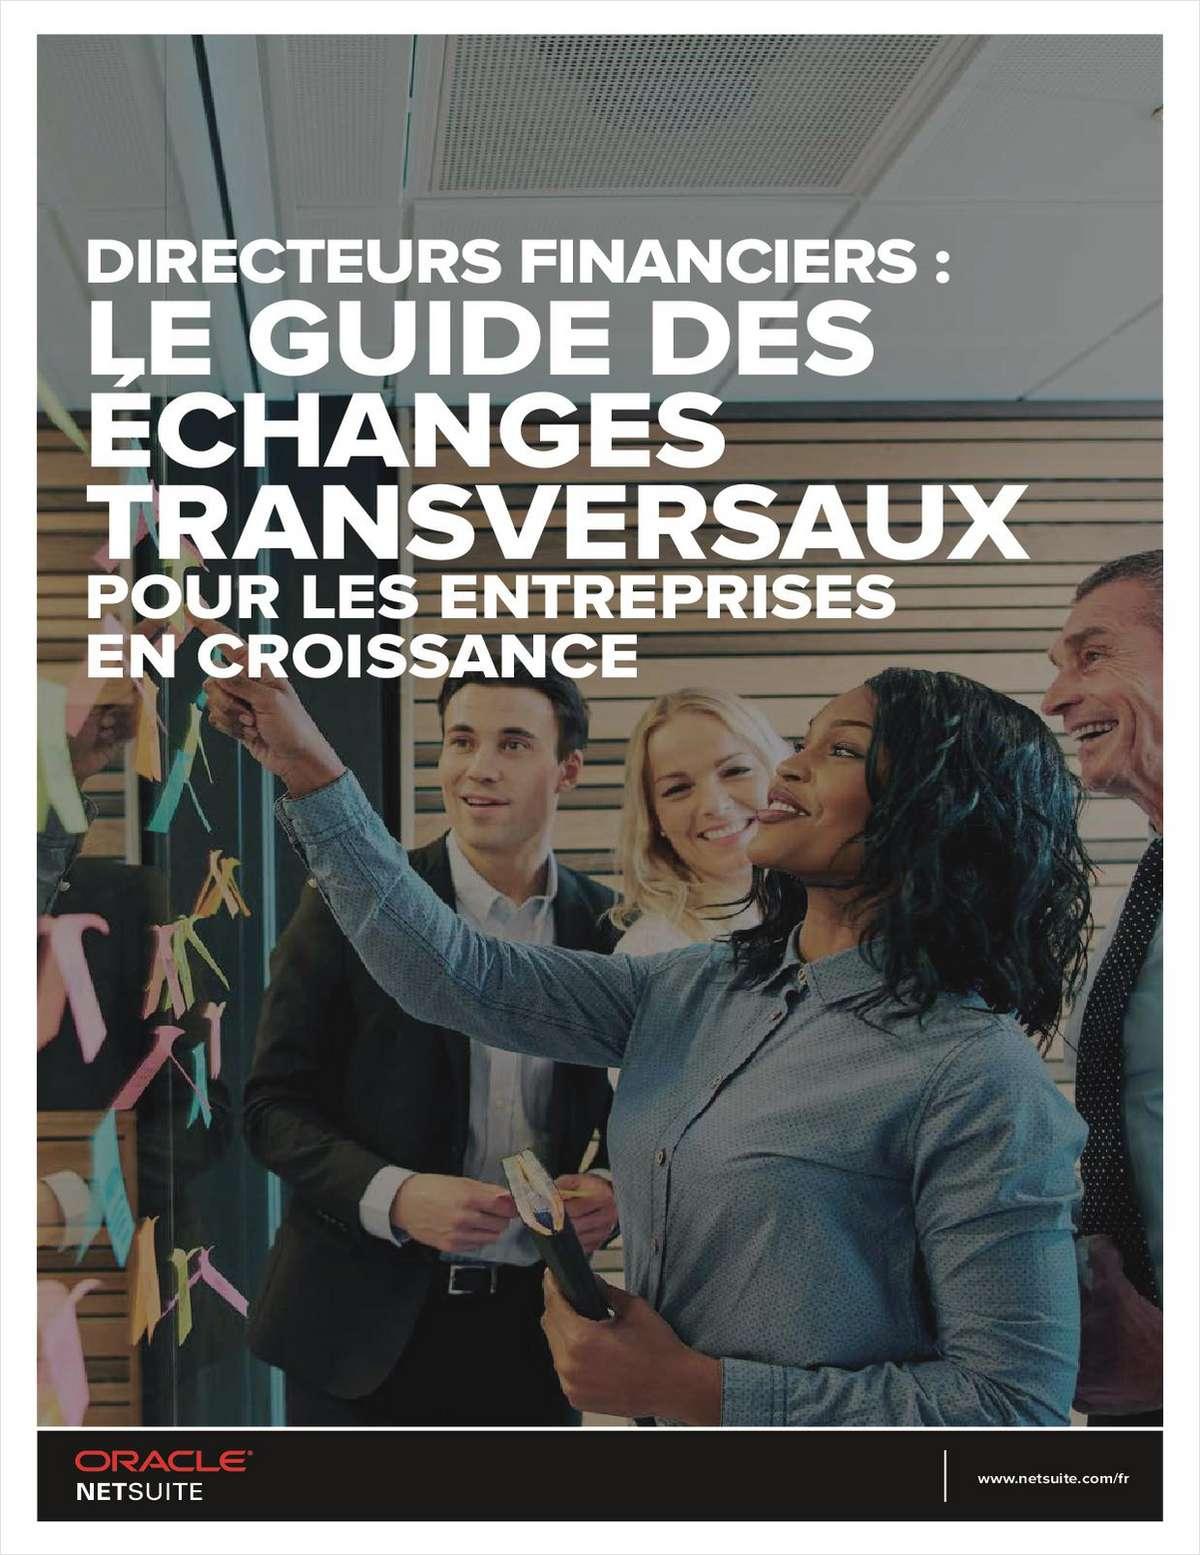 DIRECTEURS FINANCIERS: LE GUIDE DES ECHANGES TRANSVERSAUX POUR LES ENTREPRISES EN CROISSANCE